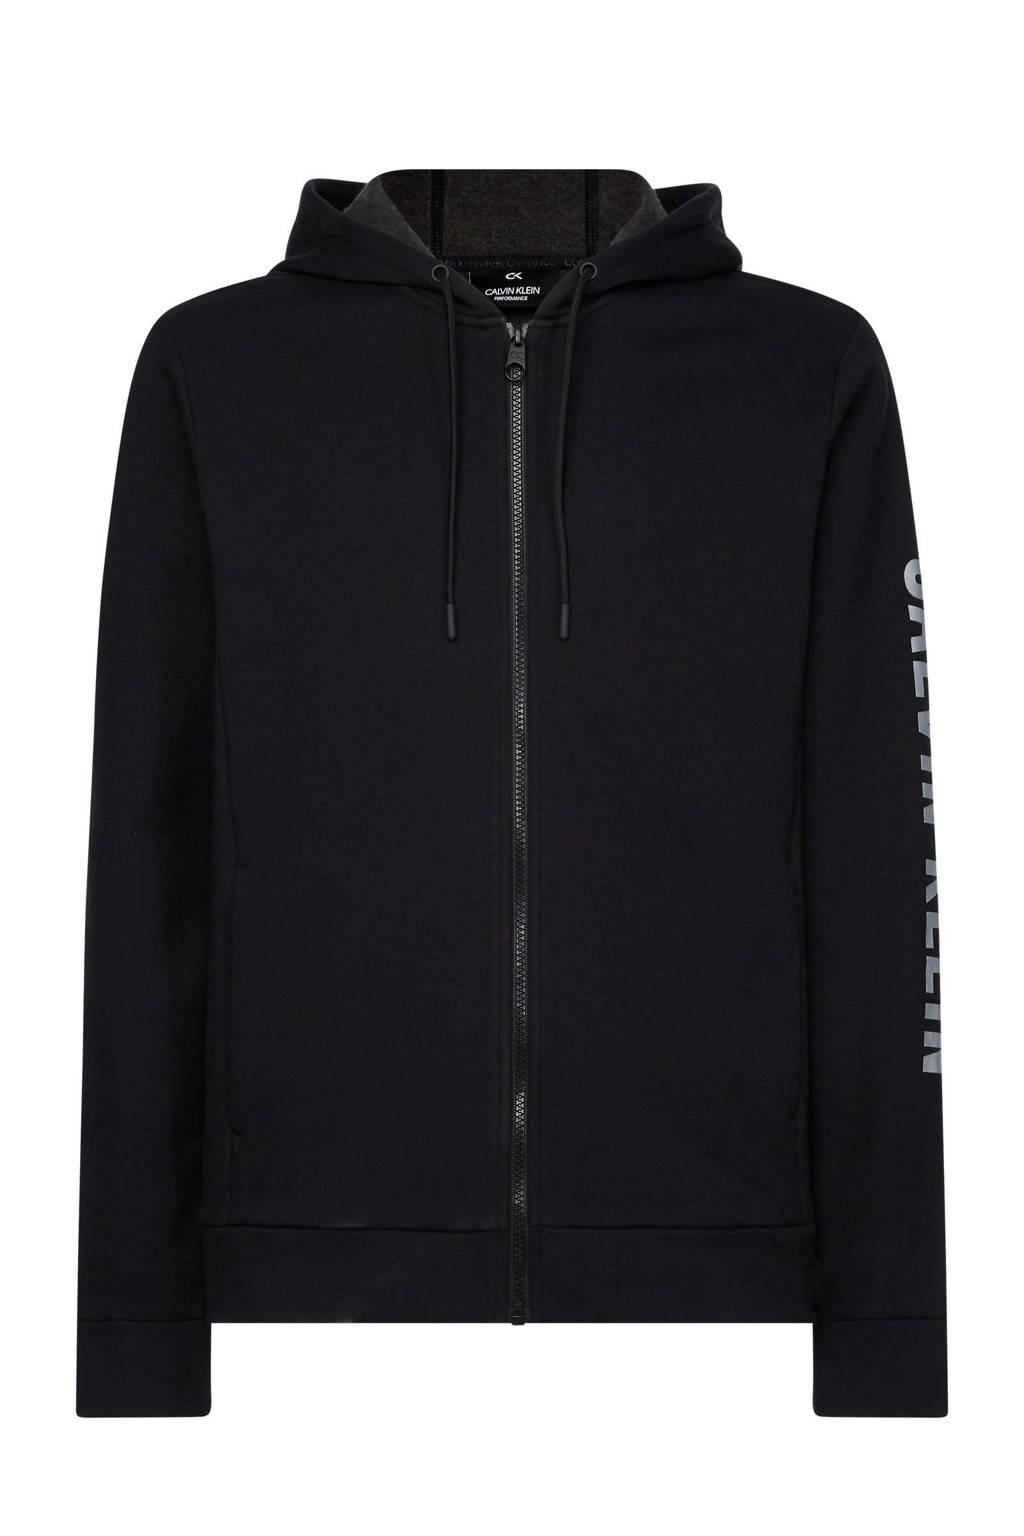 CALVIN KLEIN PERFORMANCE   vest zwart, Zwart